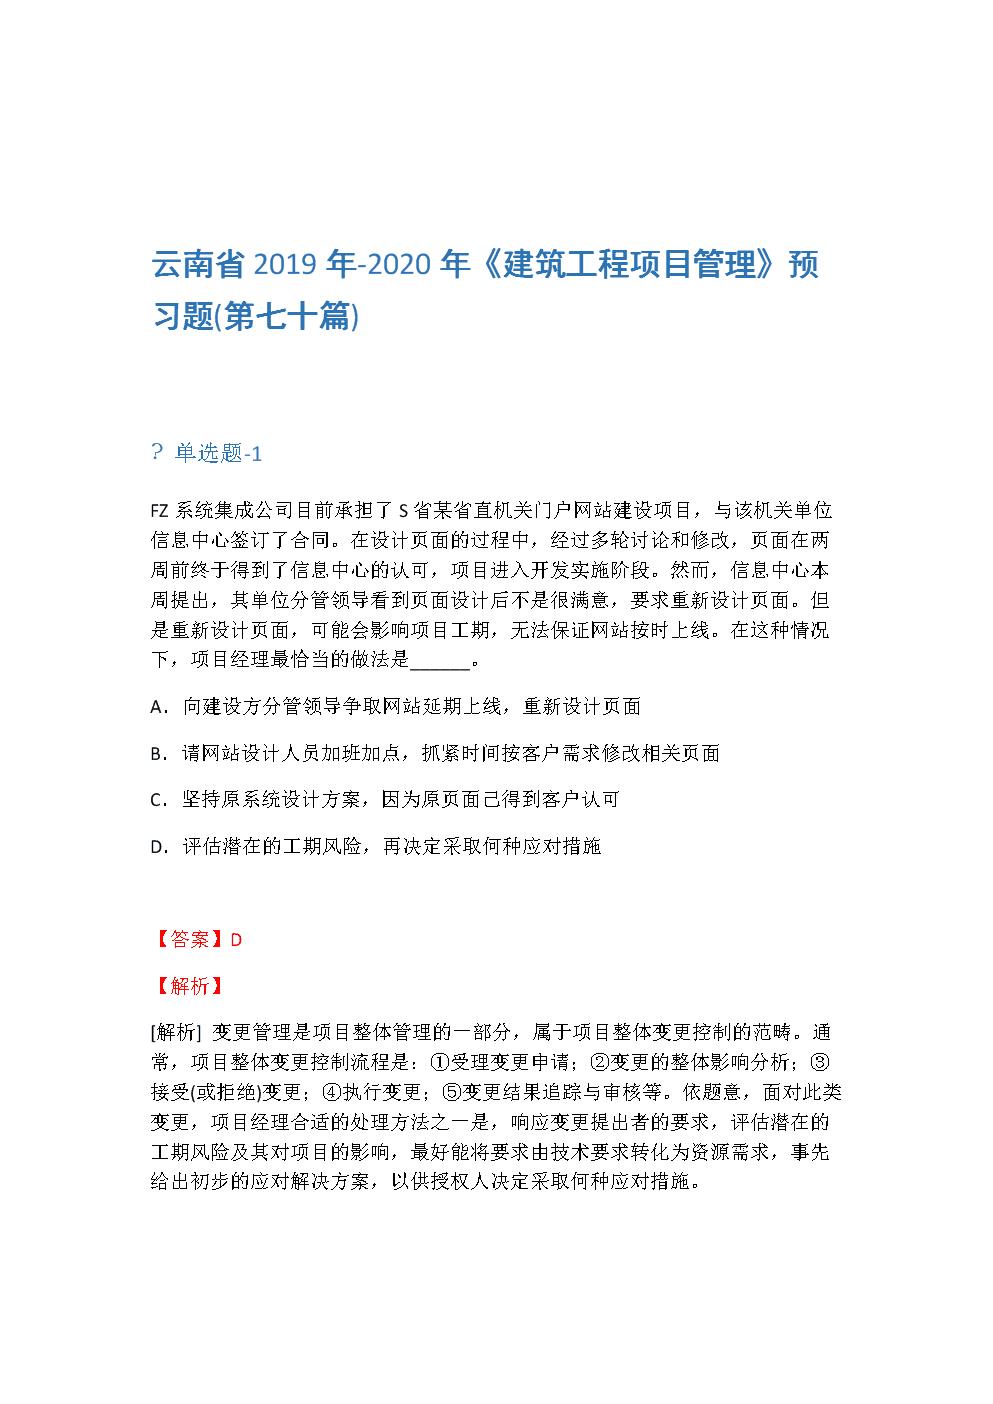 云南省2019年 2020年建筑工程项目管理预习题第七十篇.doc